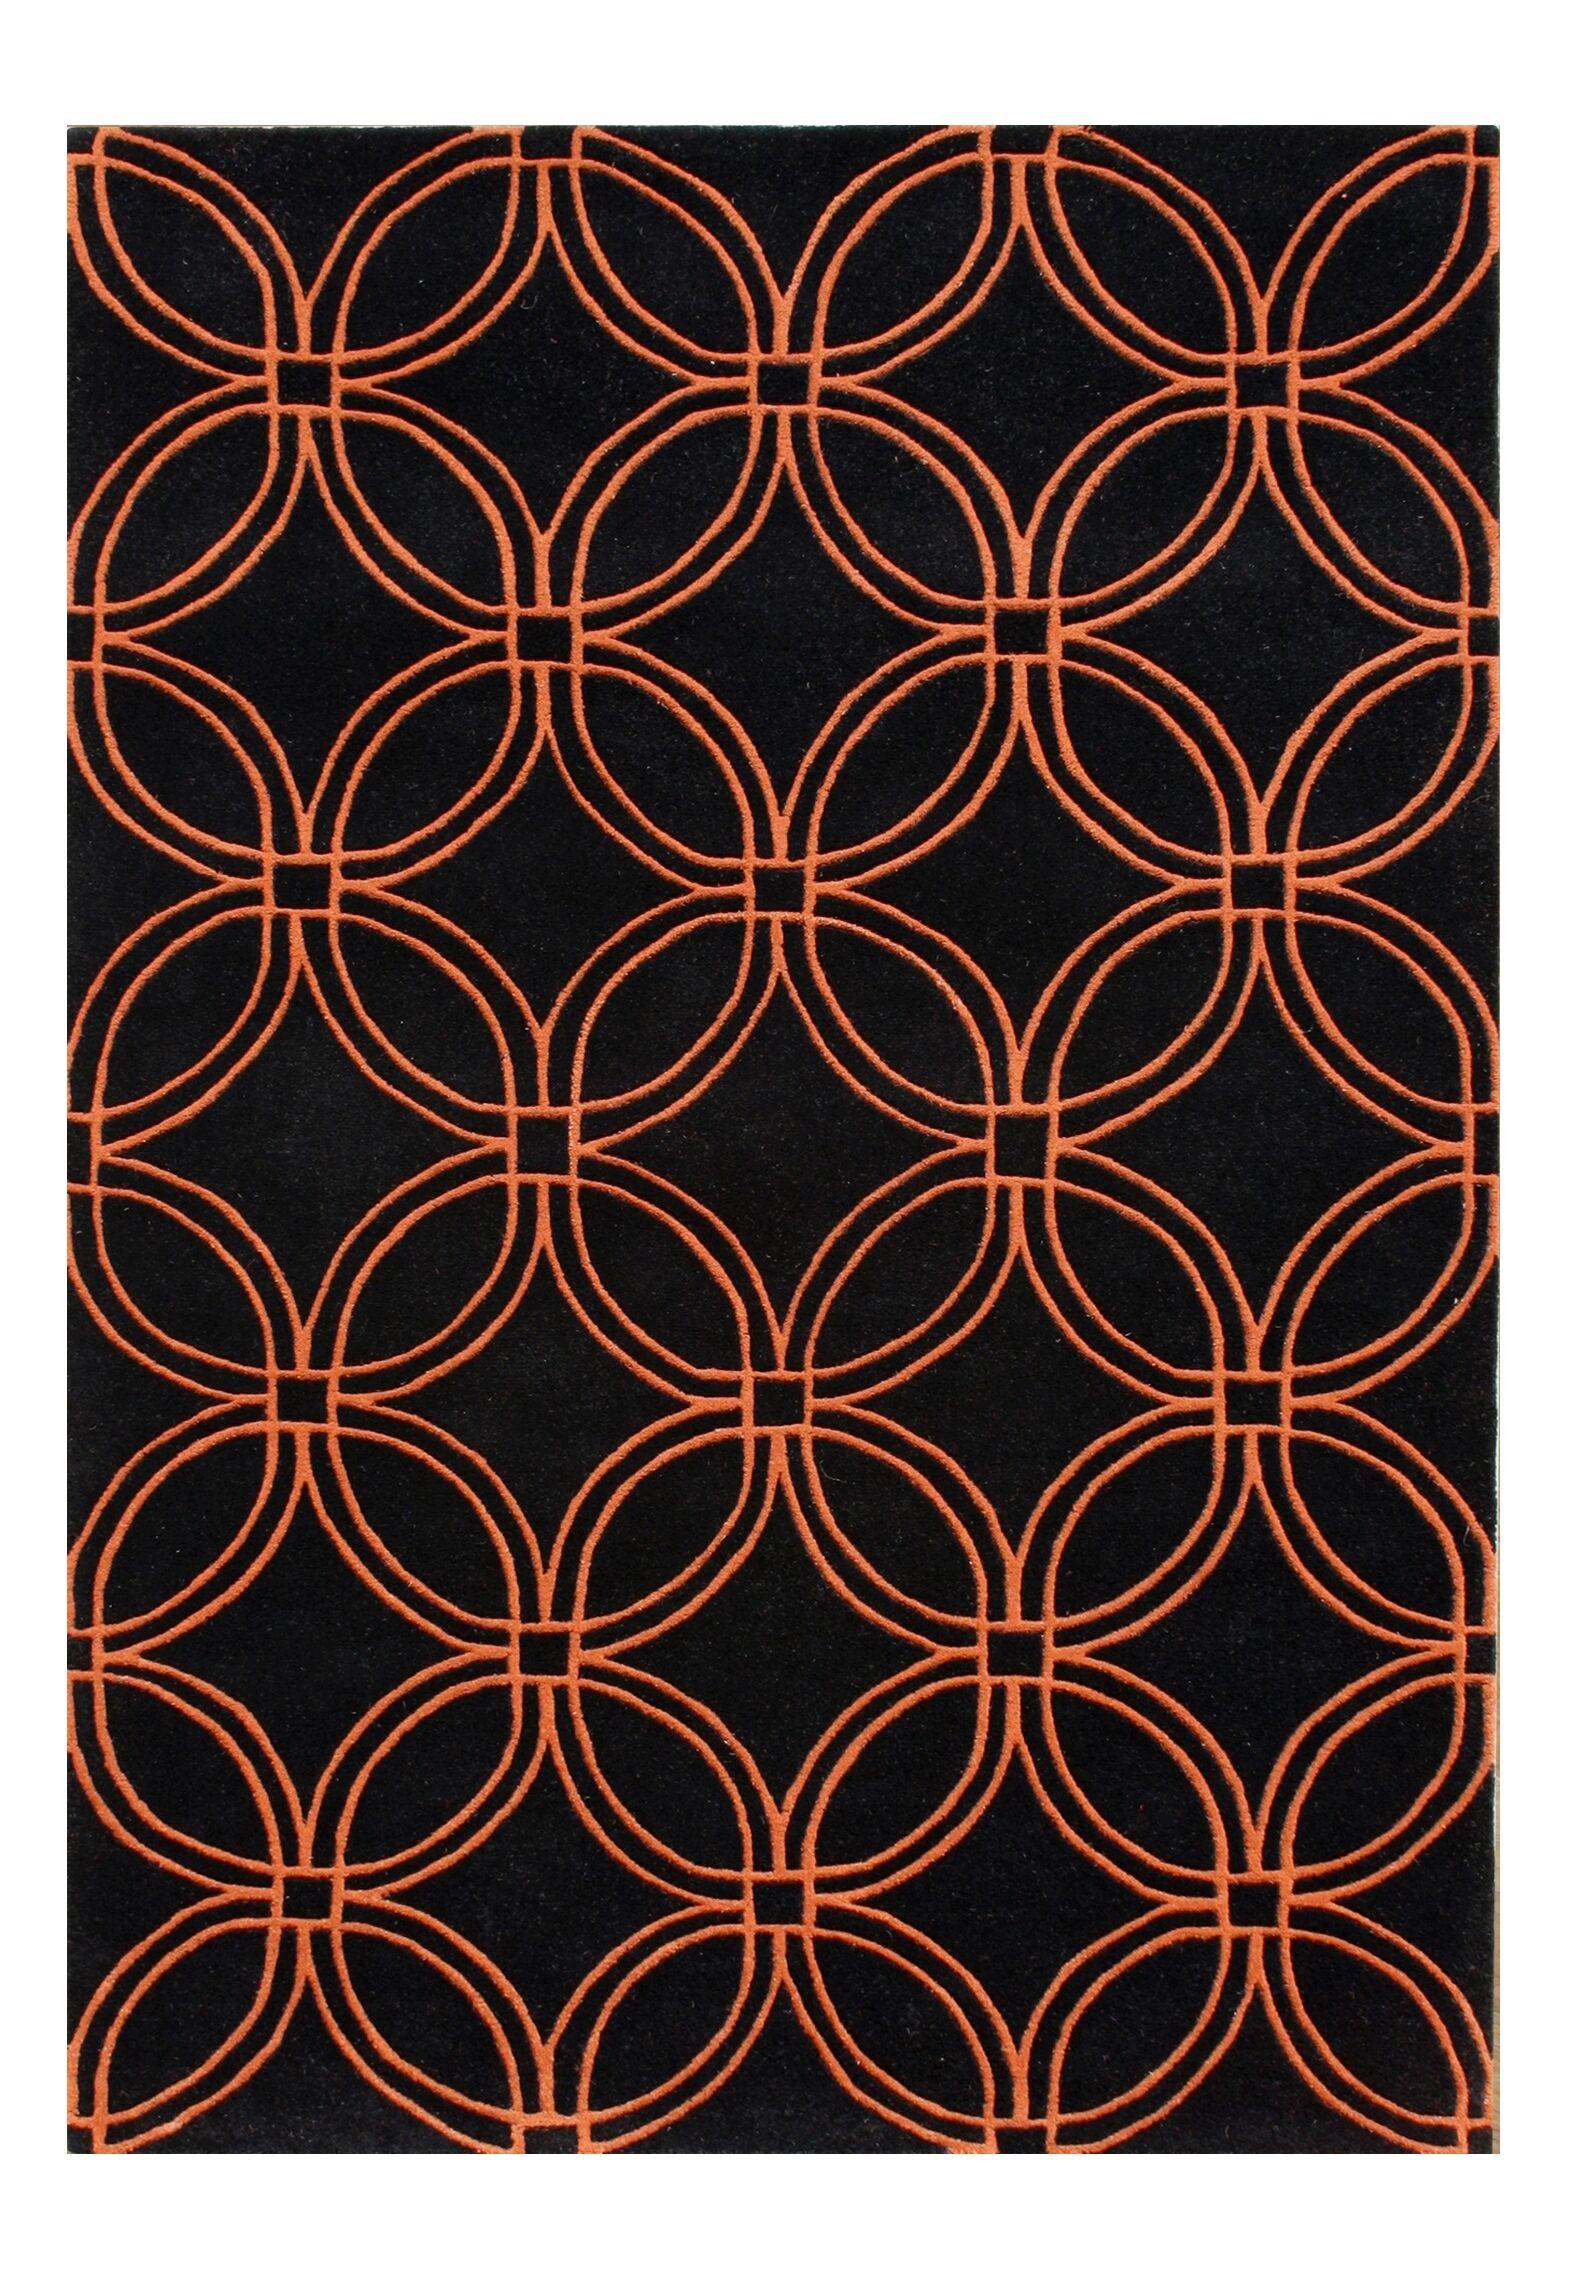 Alliyah Black/Orange Area Rug Rug Size: 5' x 8'